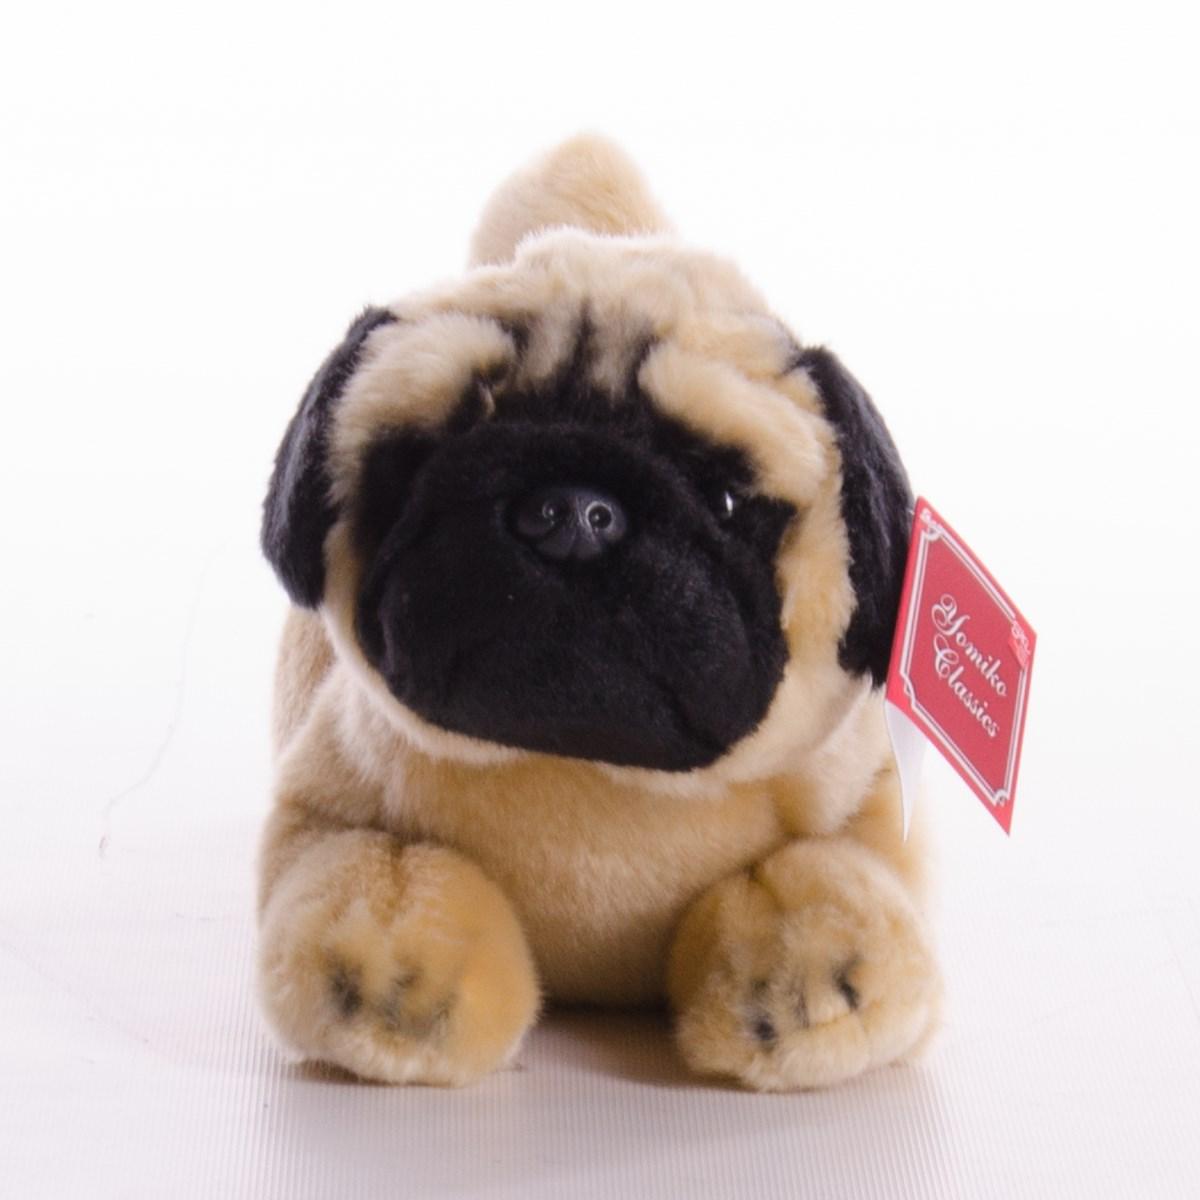 New Suki Yomiko Large Lying 14 Inch Plush Pug Dog The Kilt Store